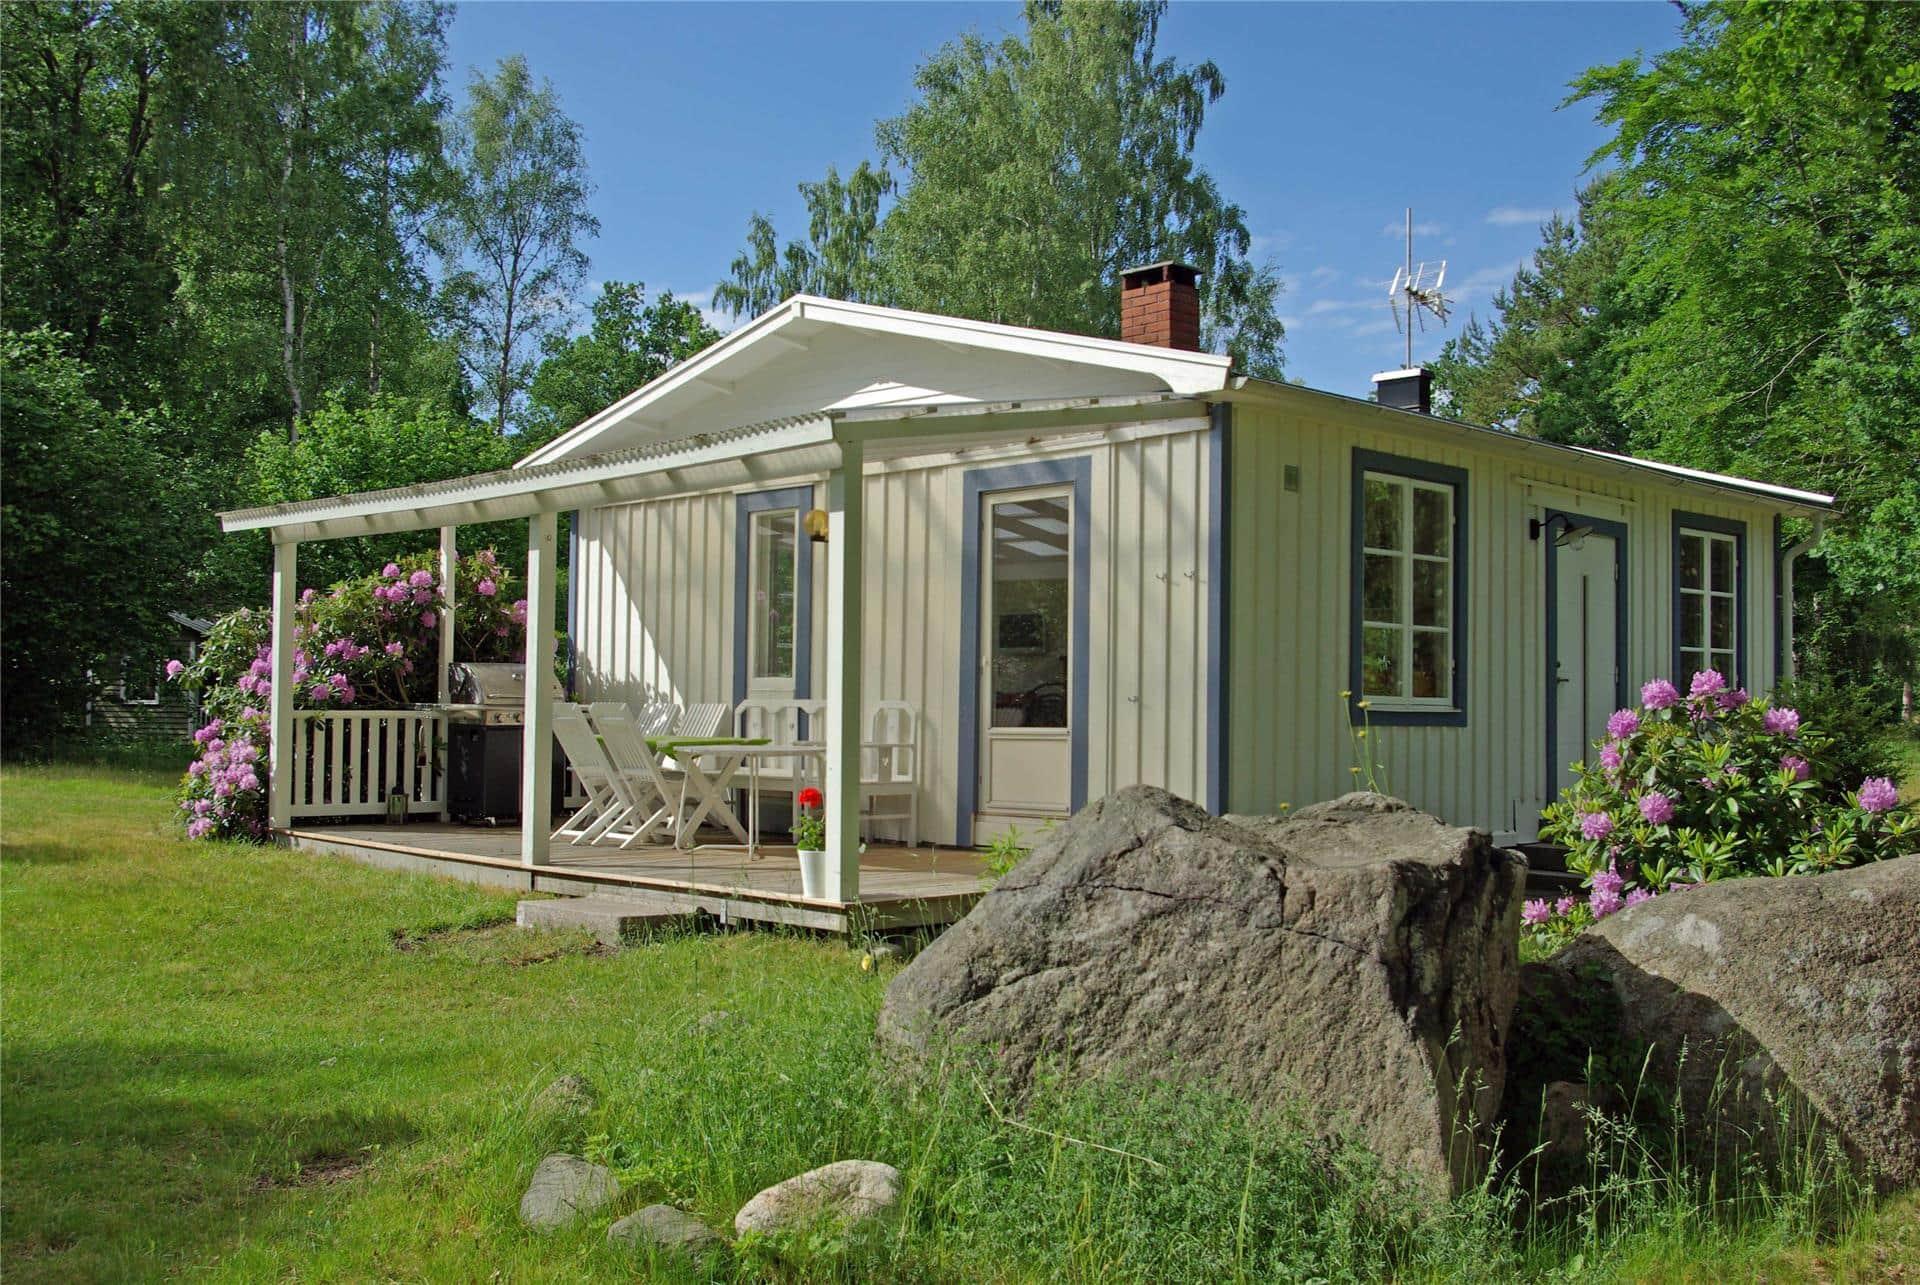 Bild 1-171 Ferienhaus OST443, Fåraviksvägen 38, DK - 388 96 Ljungbyholm